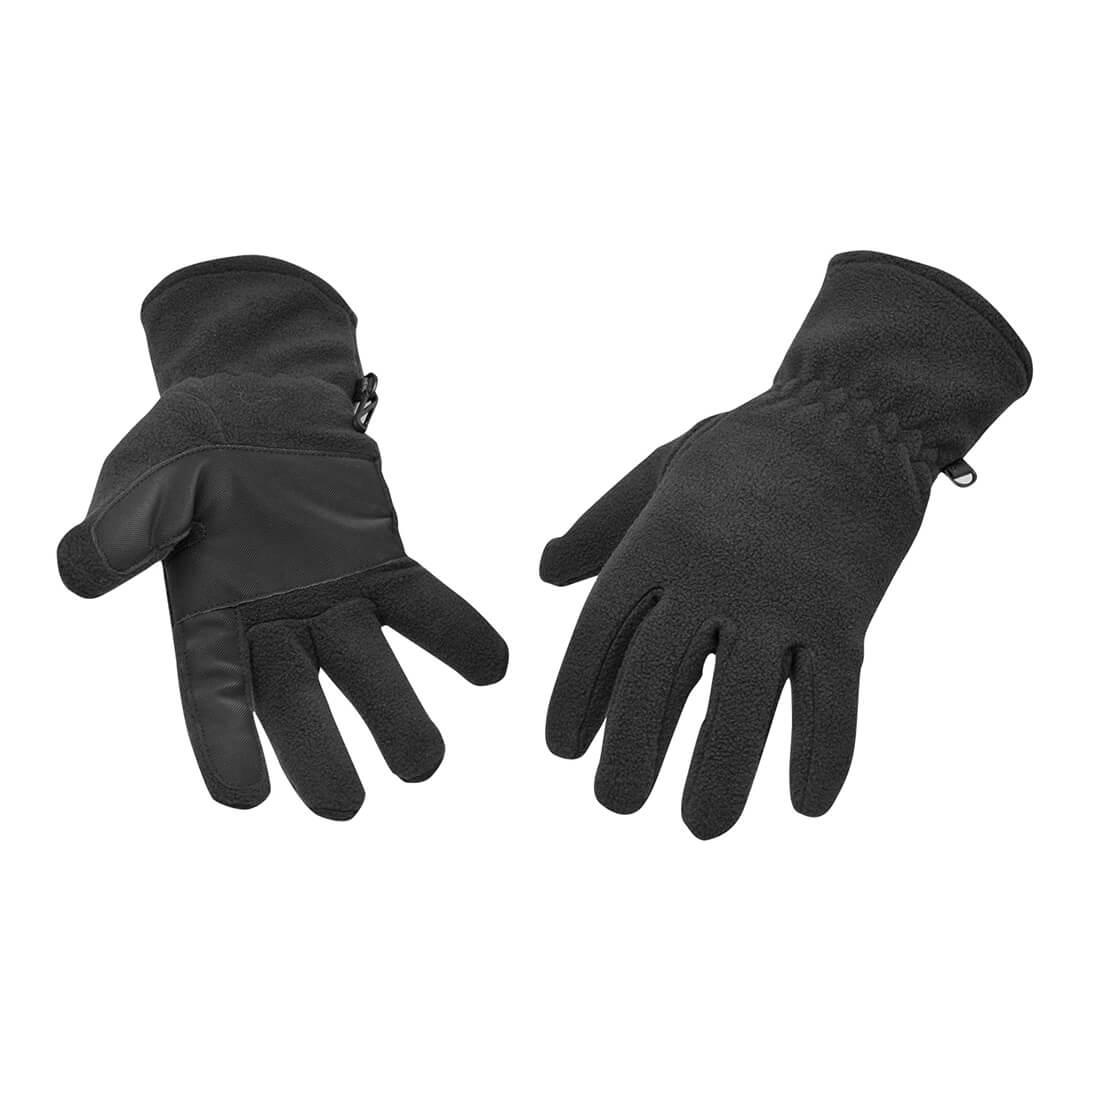 Image of Portwest Fleece Gripper Gloves Black One Size